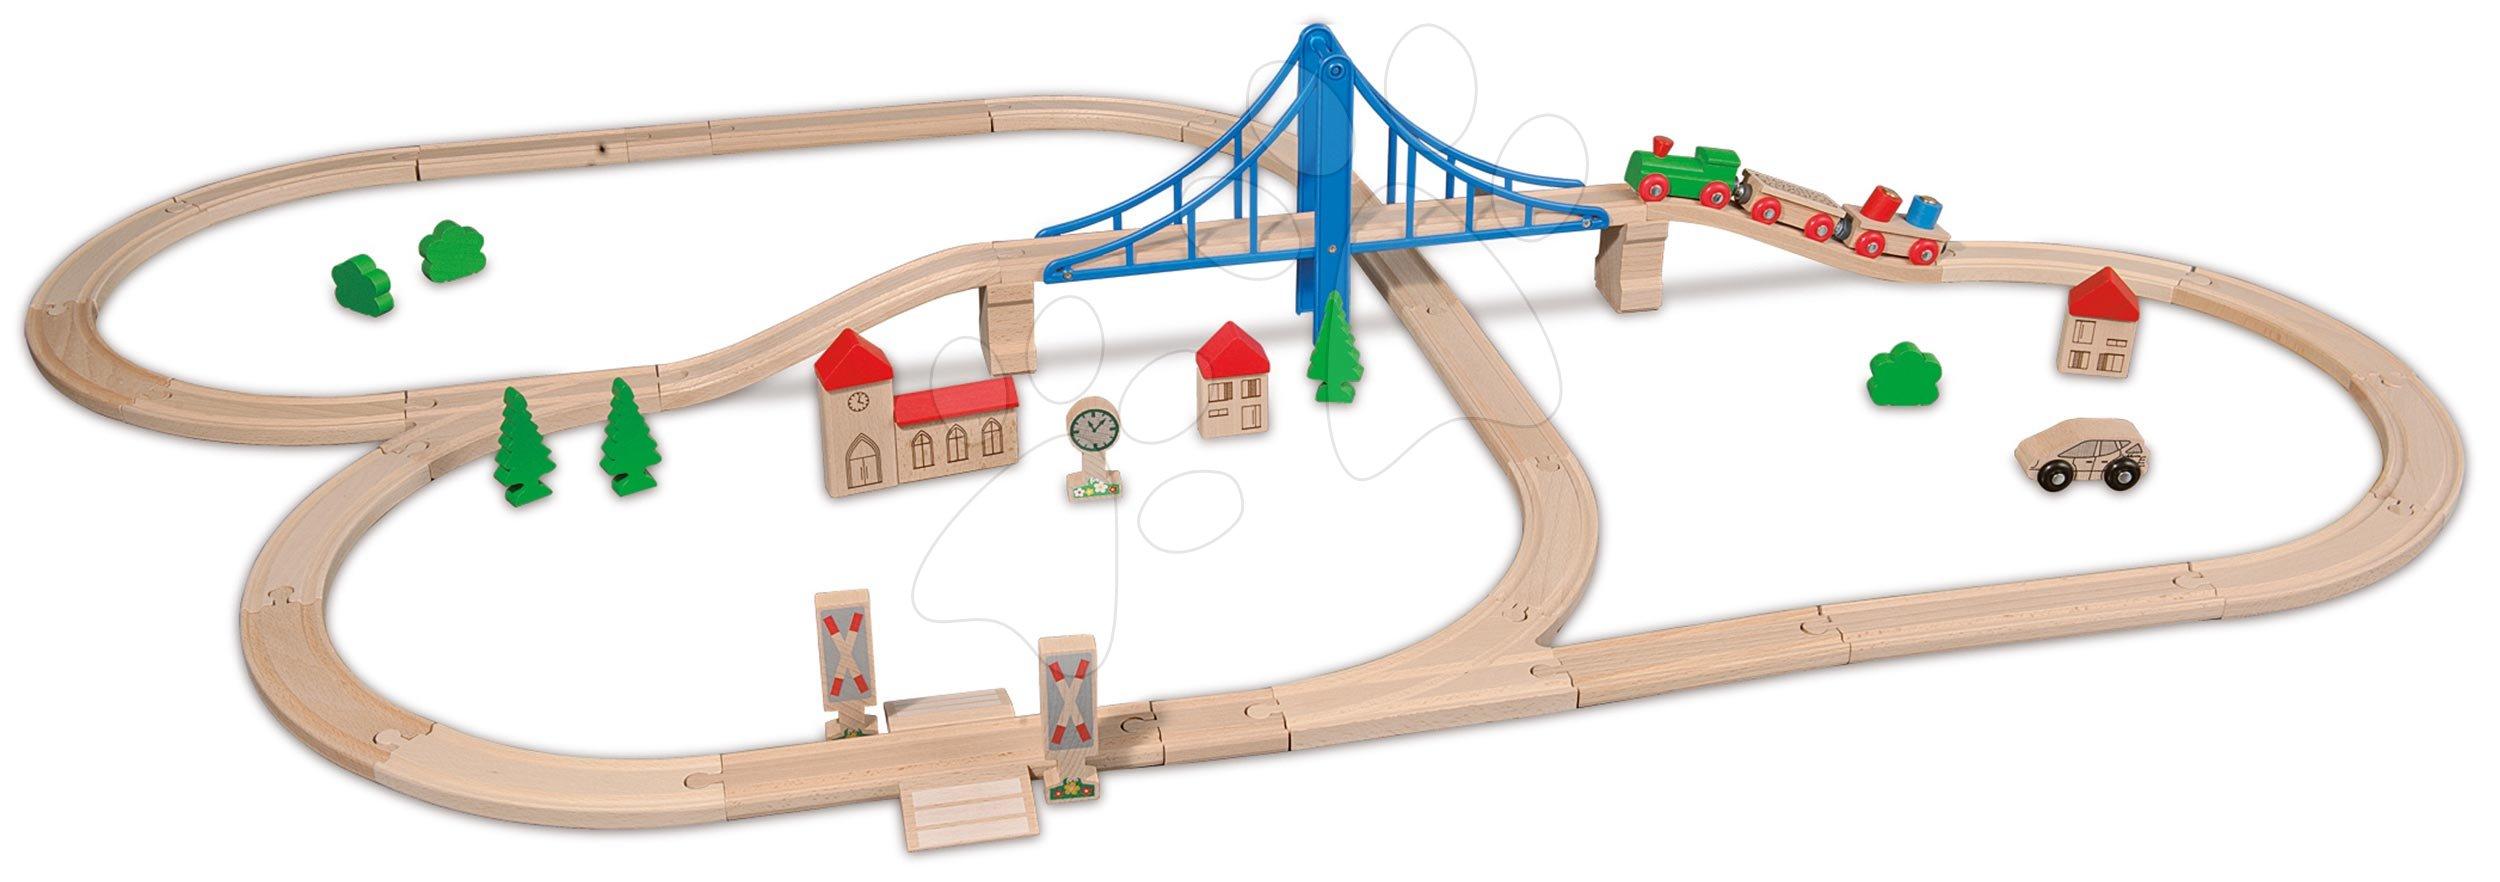 Cale ferată din lemn Train Set with Bridge Eichhorn cu 5 vagoane pod și accesorii 55 piese 500 cm lungimea șinelor de la 3 ani EH1264